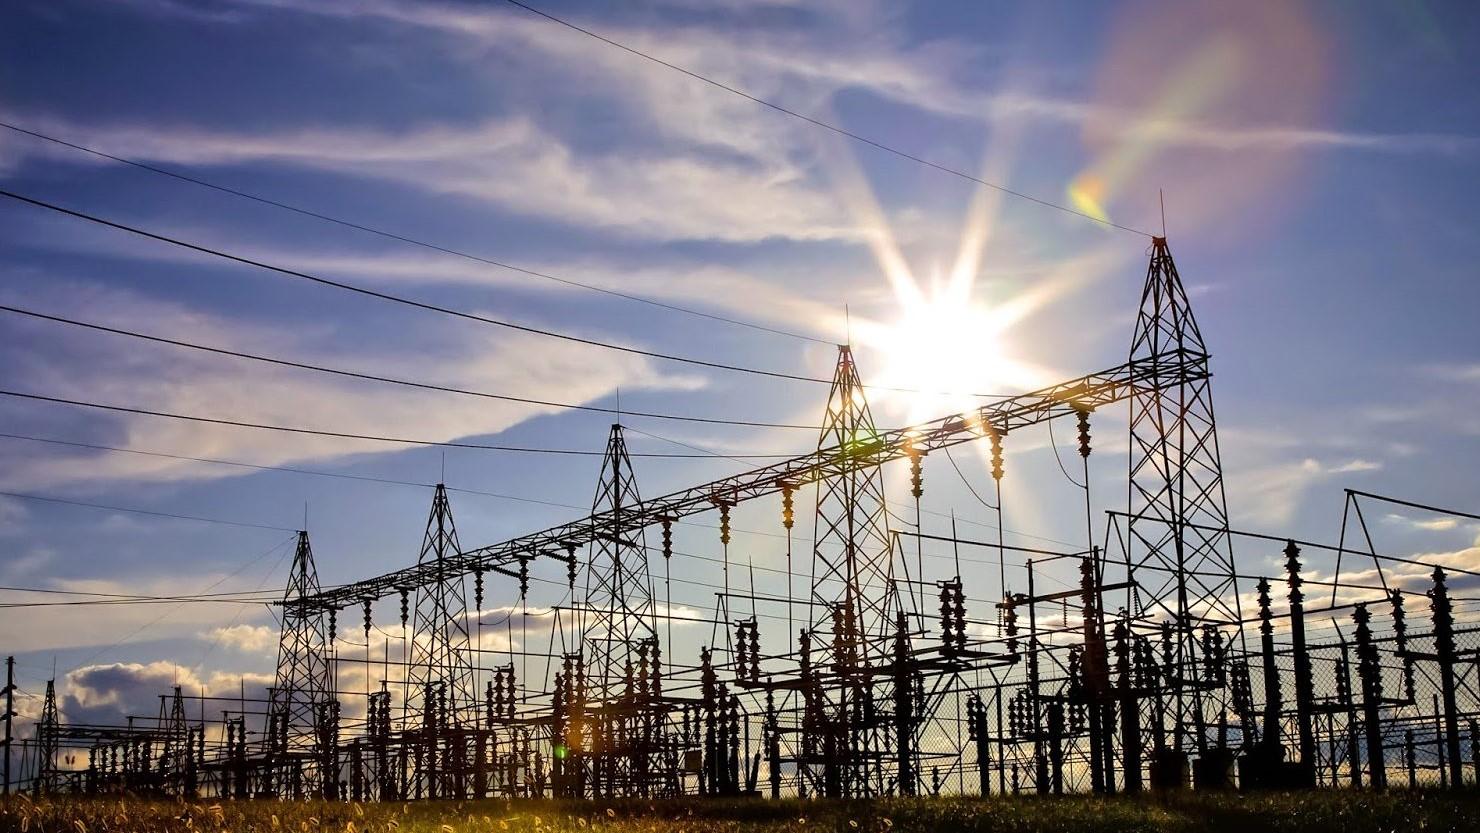 العراق يتوقع إكمال الربط الكهربائي مع الخليج خلال 14 شهراً